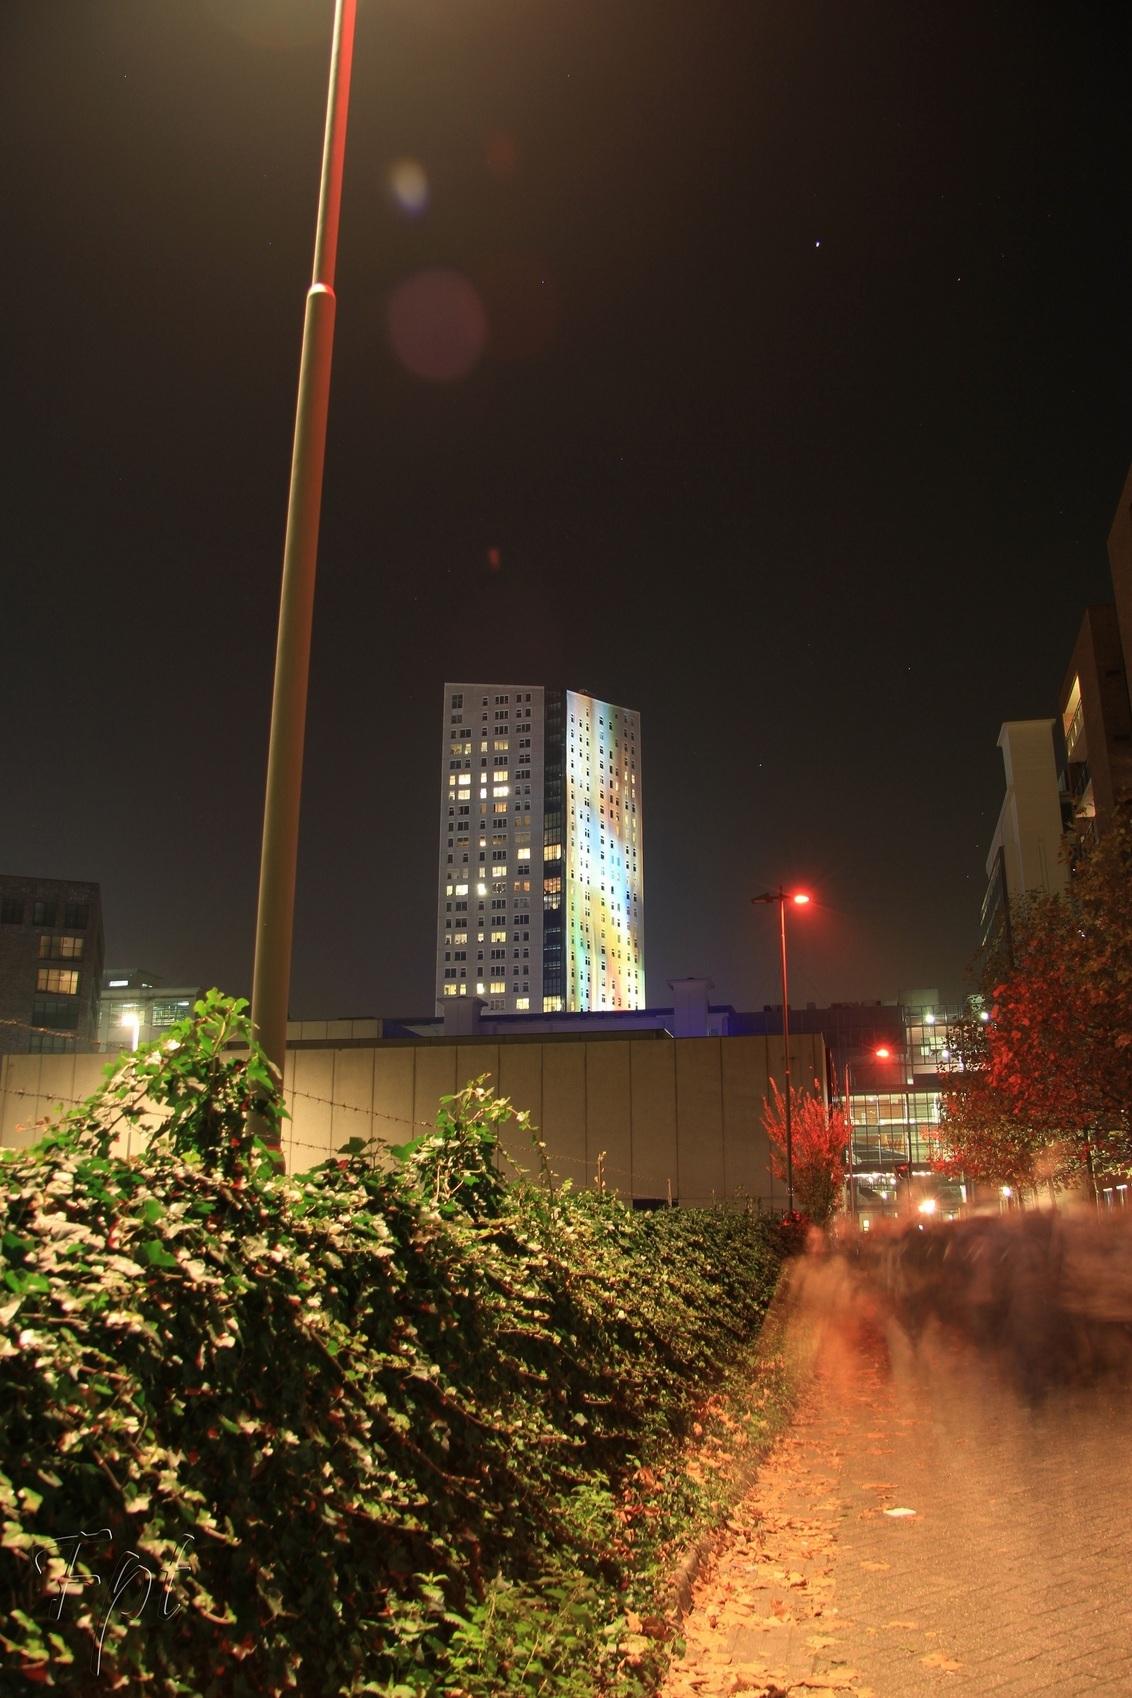 standing still - een avond in Eindhoven - foto door fpt op 15-04-2013